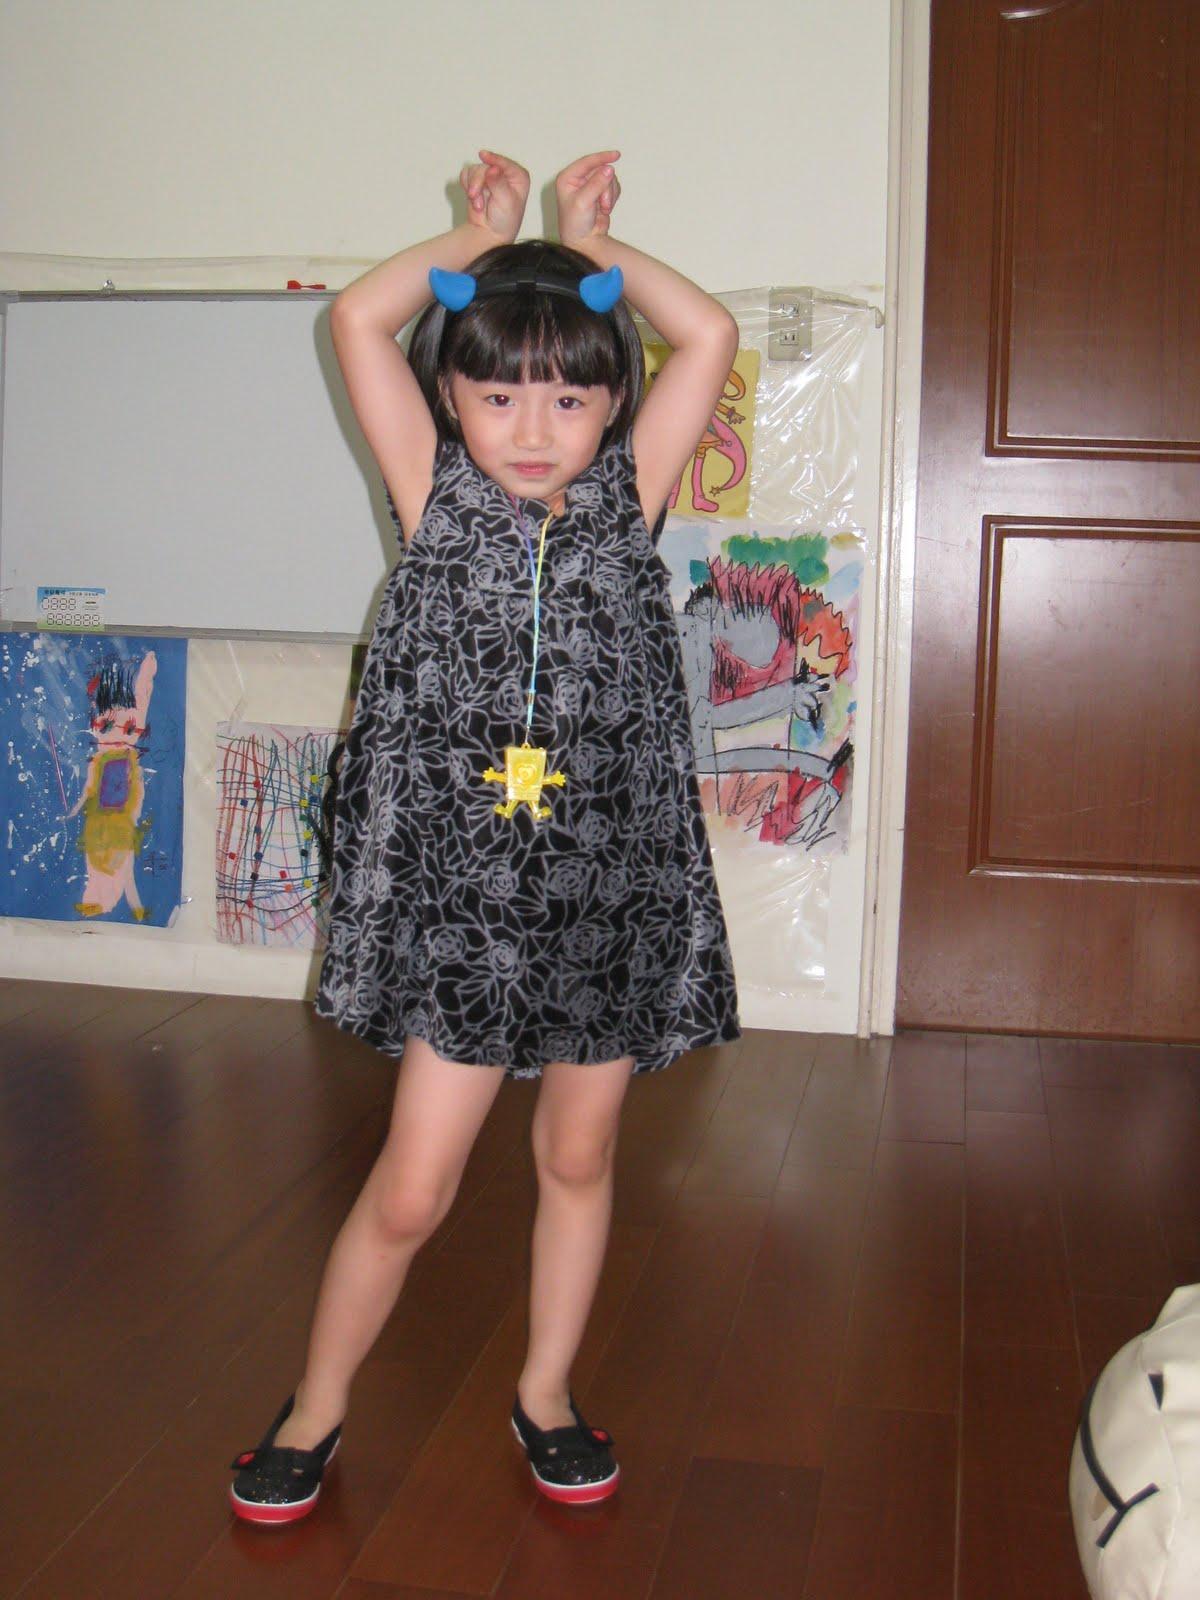 私服姿の女子小中学生276着目 [無断転載禁止]©bbspink.comYouTube動画>26本 ->画像>1080枚